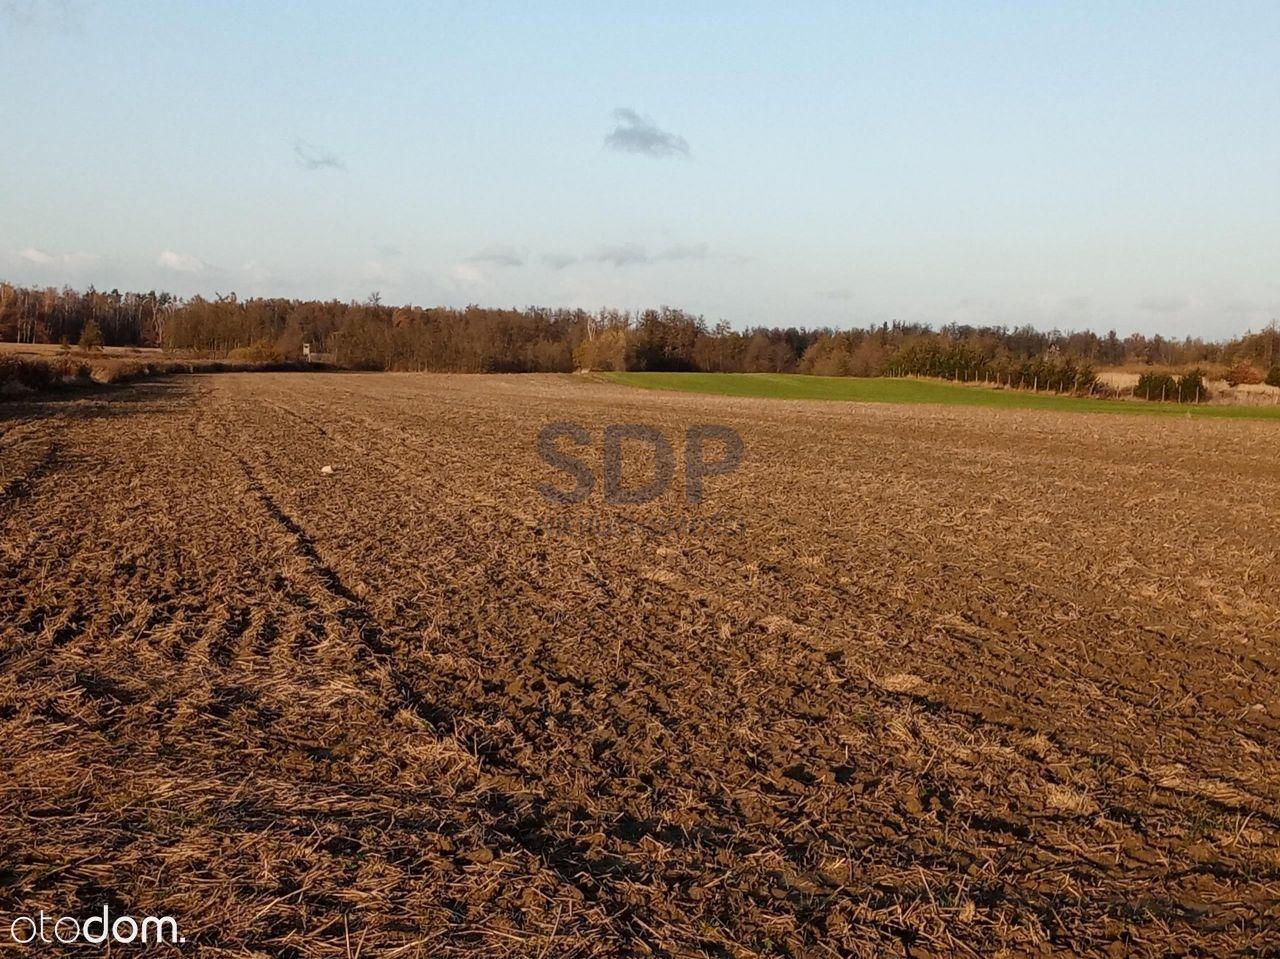 Działka rolna 5,38 ha w ciągłej uprawie